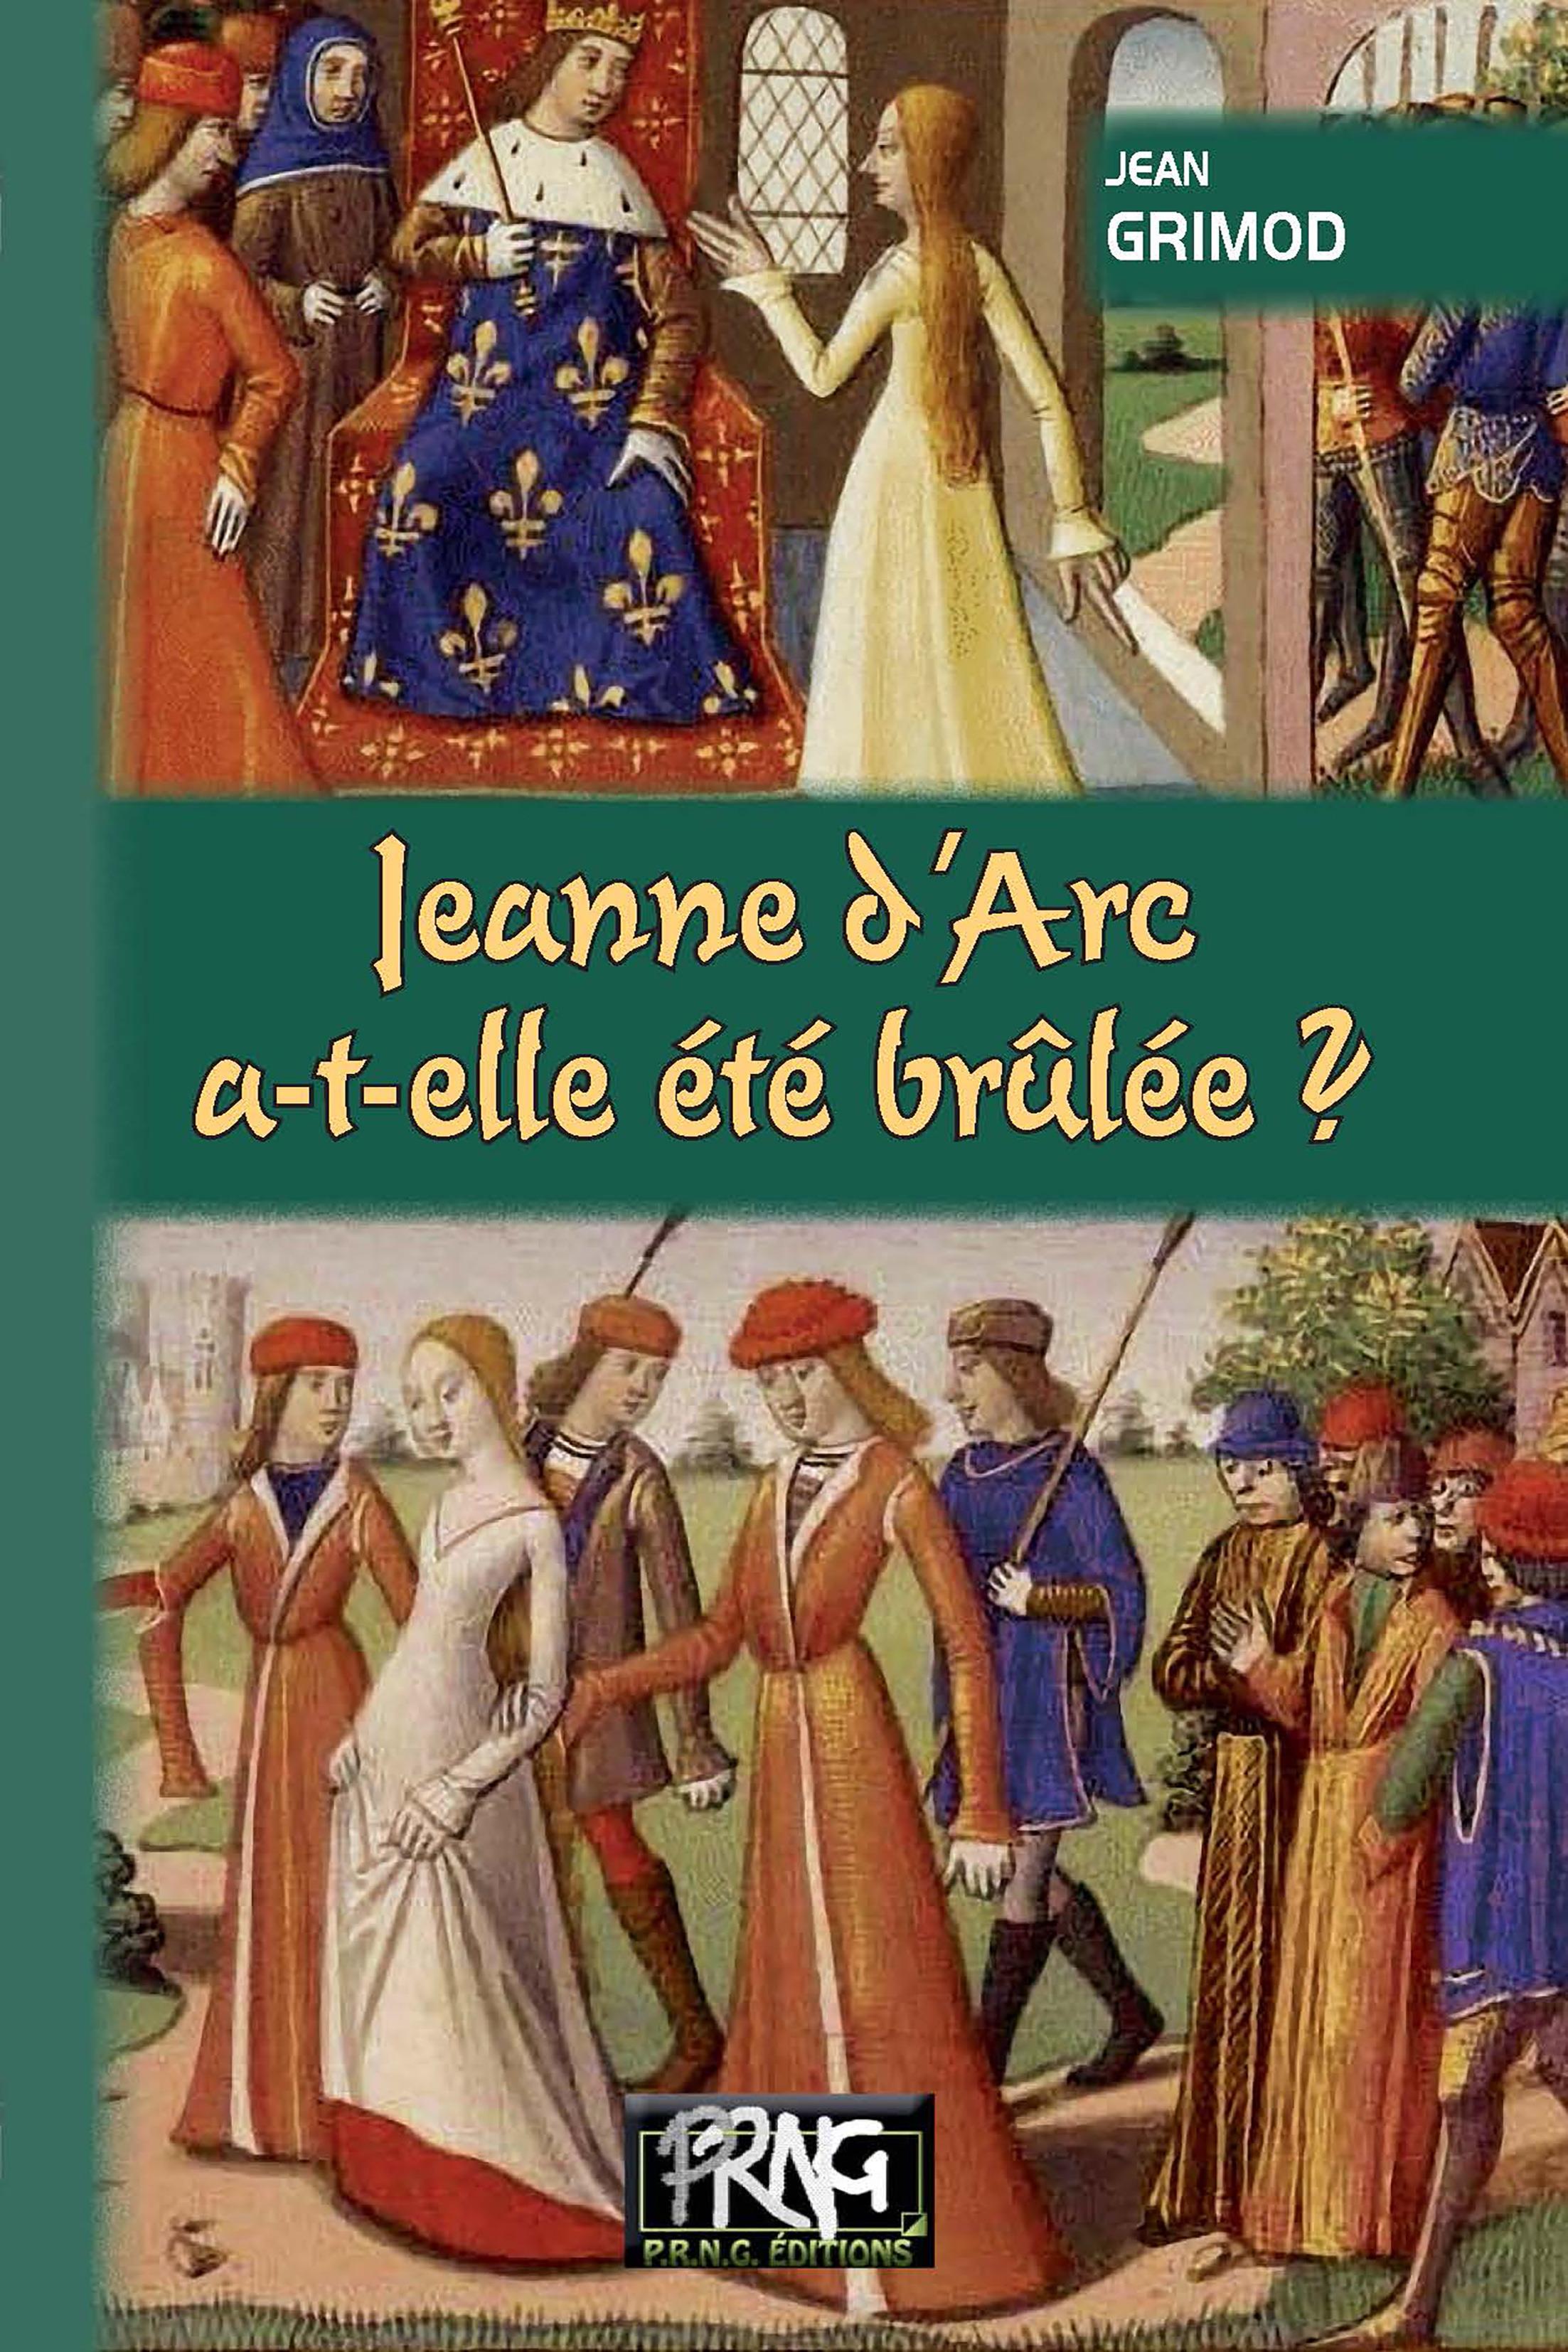 Jeanne d'Arc a-t-elle été brûlée ?